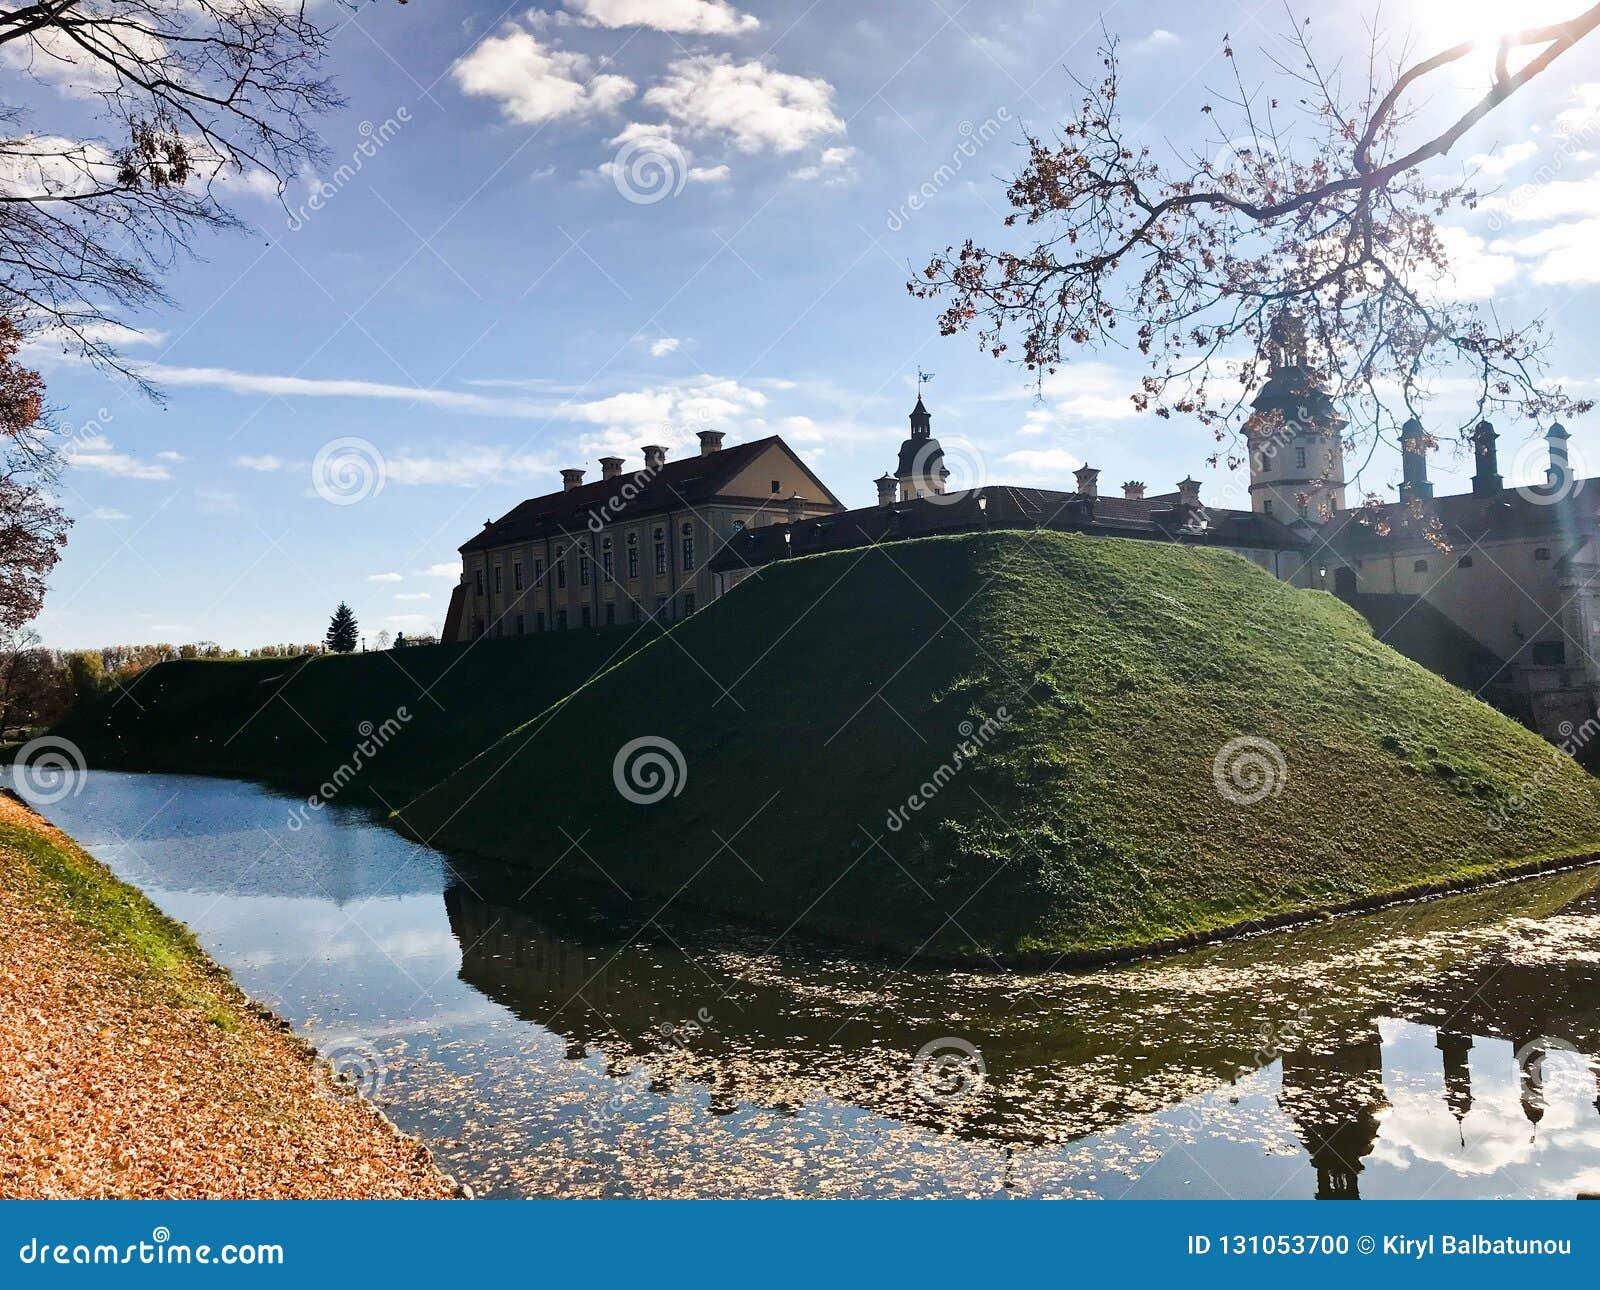 Altes, altes mittelalterliches Schloss mit spiers und Türmen, Wände des Steins und Ziegelstein umgeben durch einen schützenden Bu